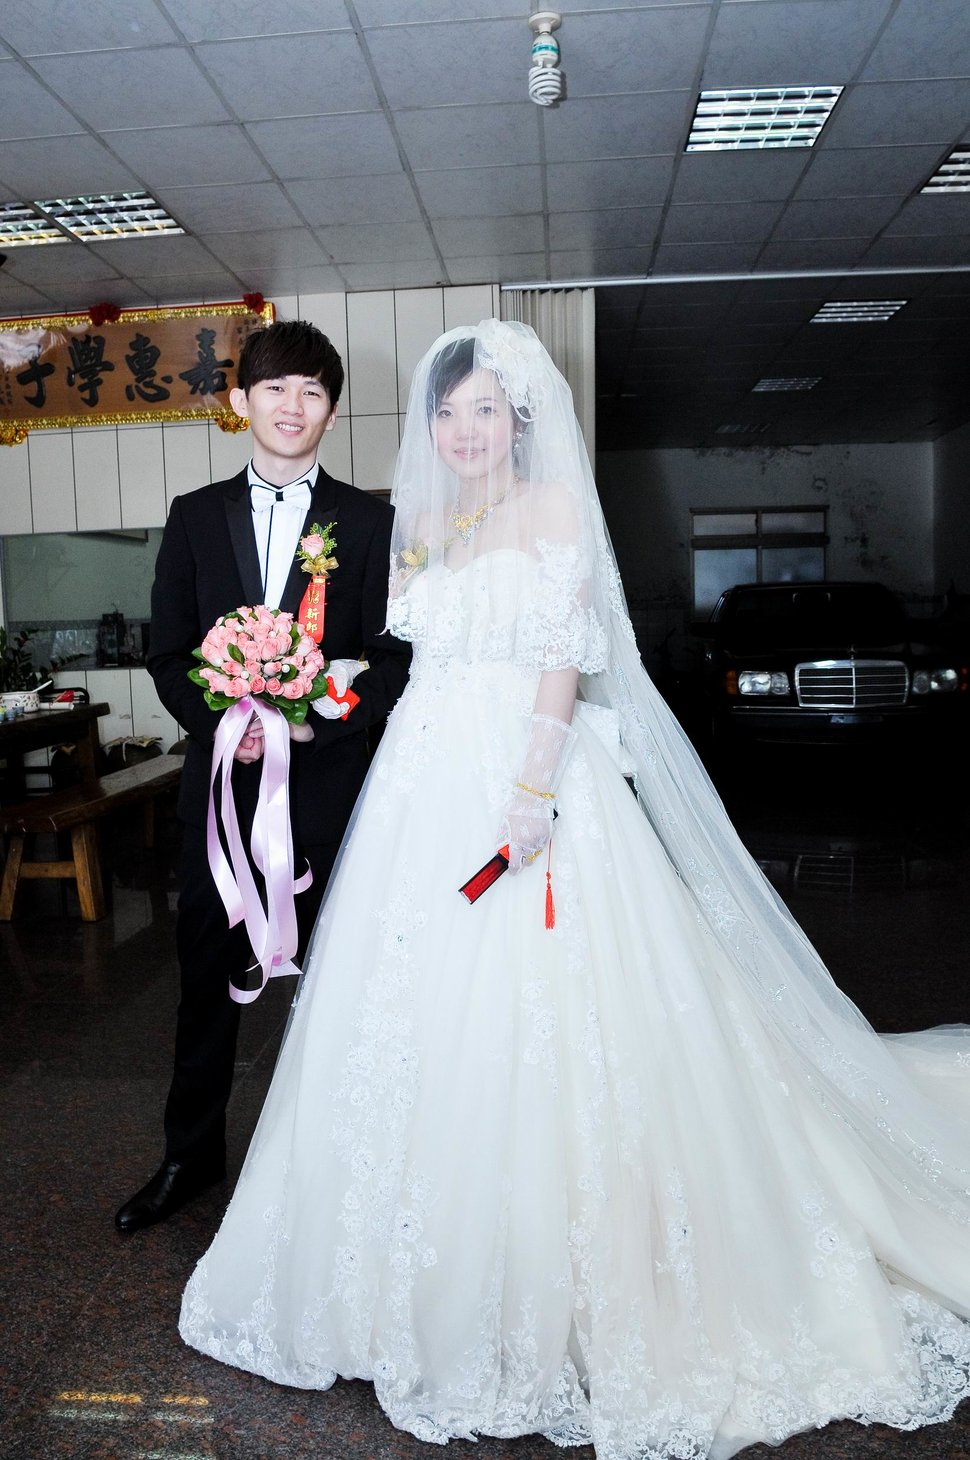 台中天野養生餐廳婚禮記錄婚禮記錄動態微電影錄影專業錄影平面攝影(編號:196399) - 蜜月拍照10800錄影12800攝影團隊 - 結婚吧